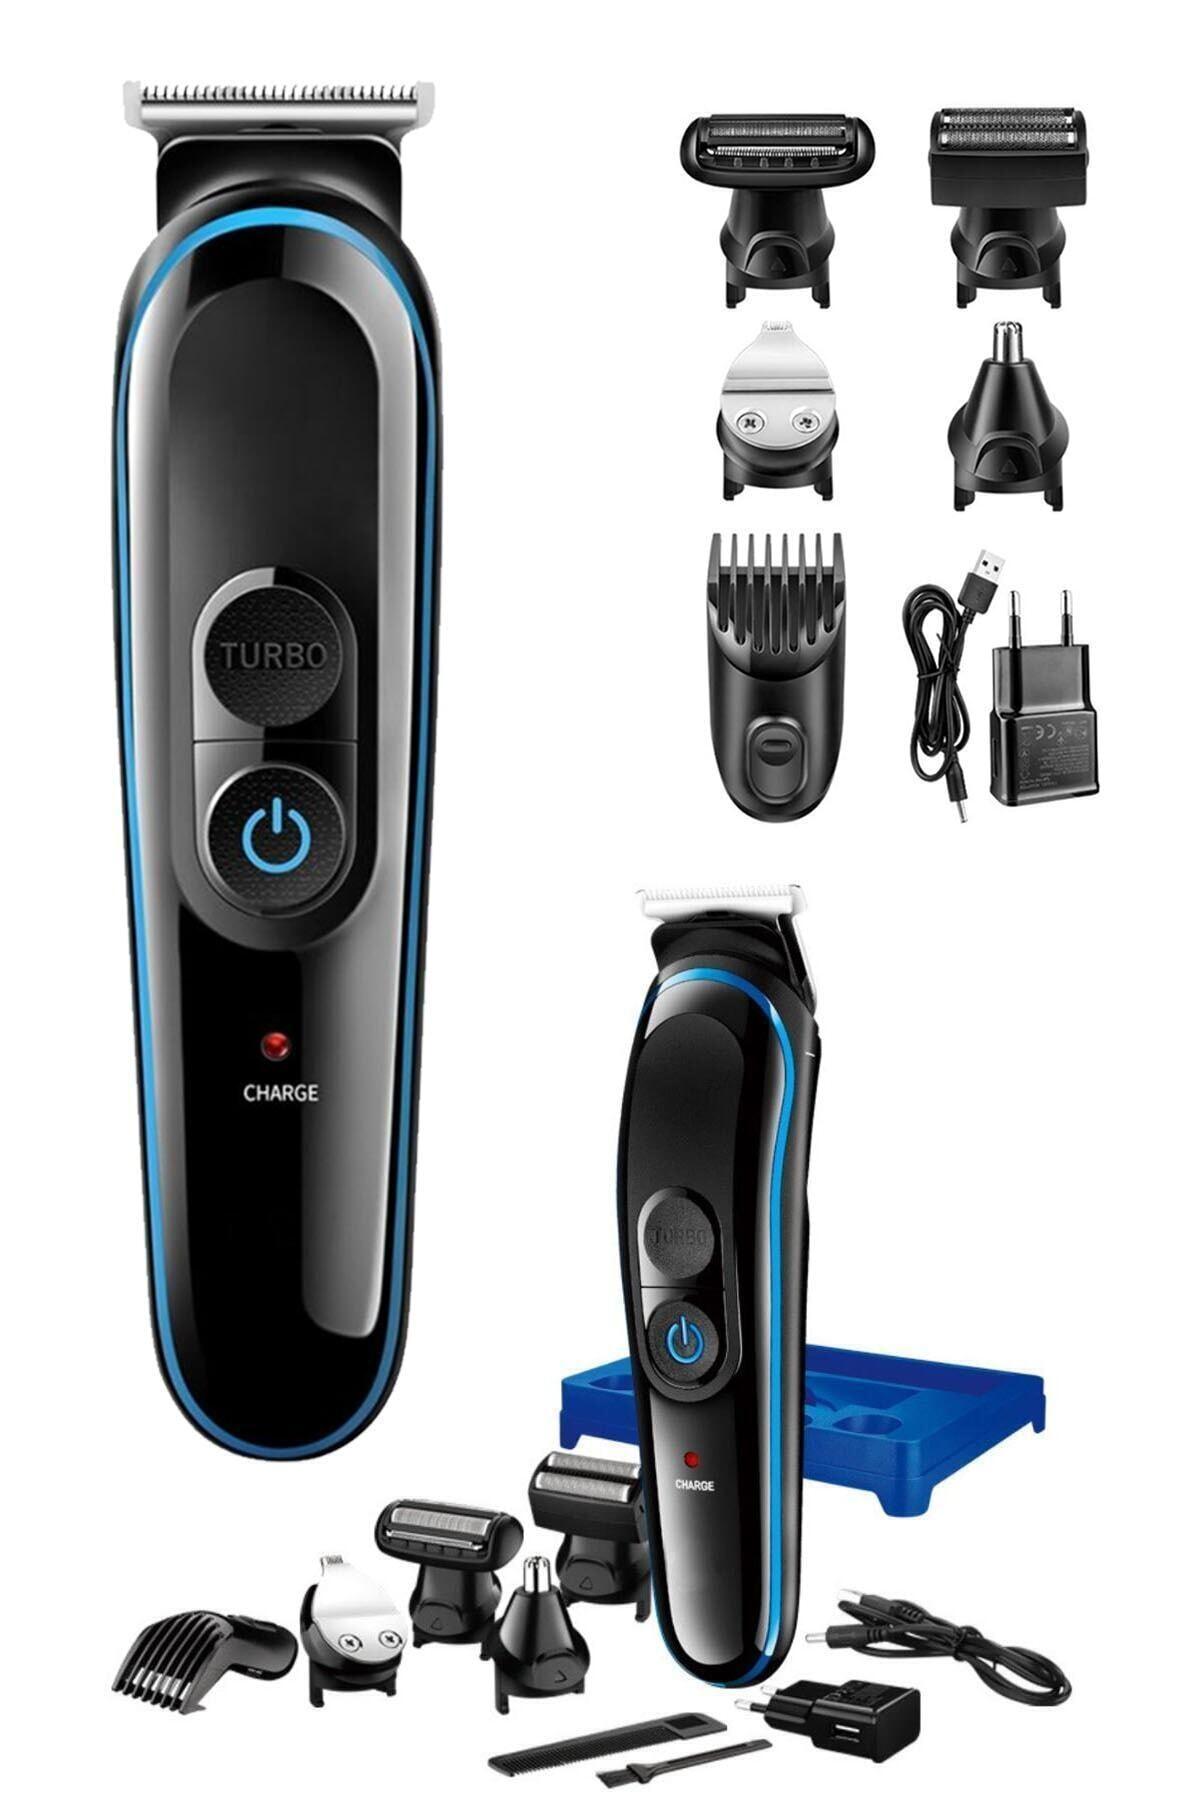 yopigo Yp-675 One Galaxy Saç Sakal Şekillendirici Tıraş Makinesi Erkek Bakım Seti Vucüt Tıraş 9in1 Ultimate 1